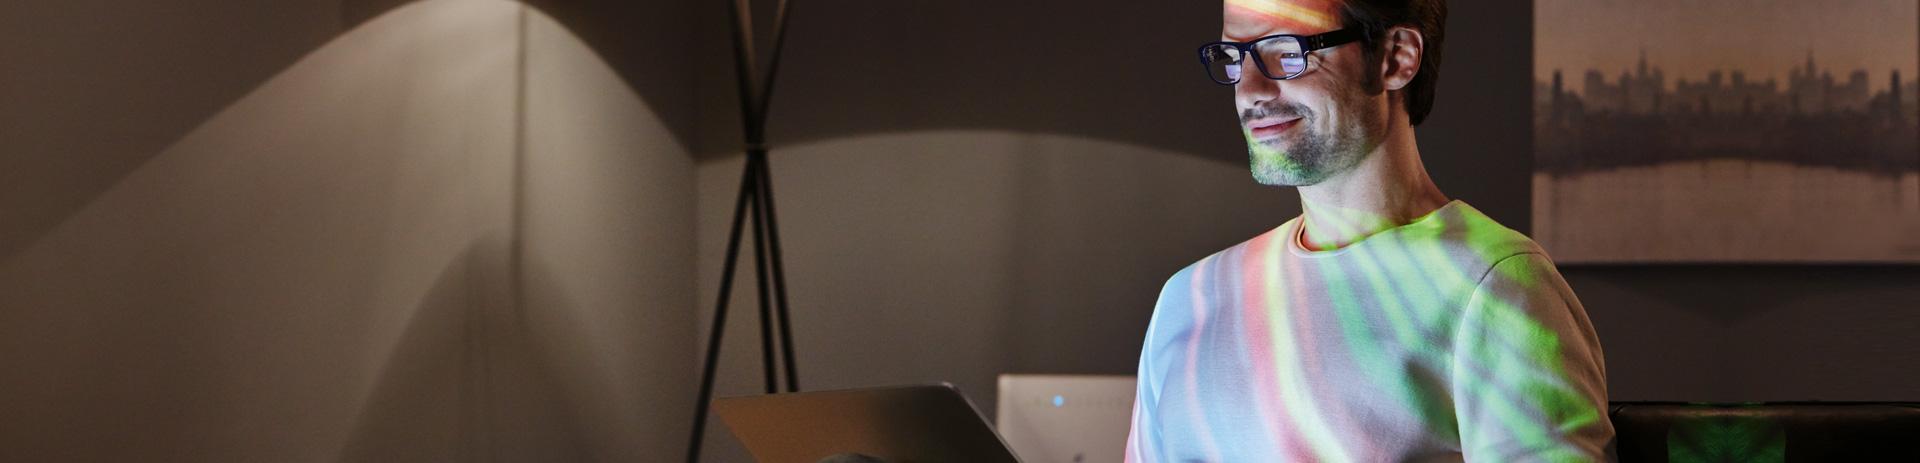 Mann mit Laptop und Lichtreflexen